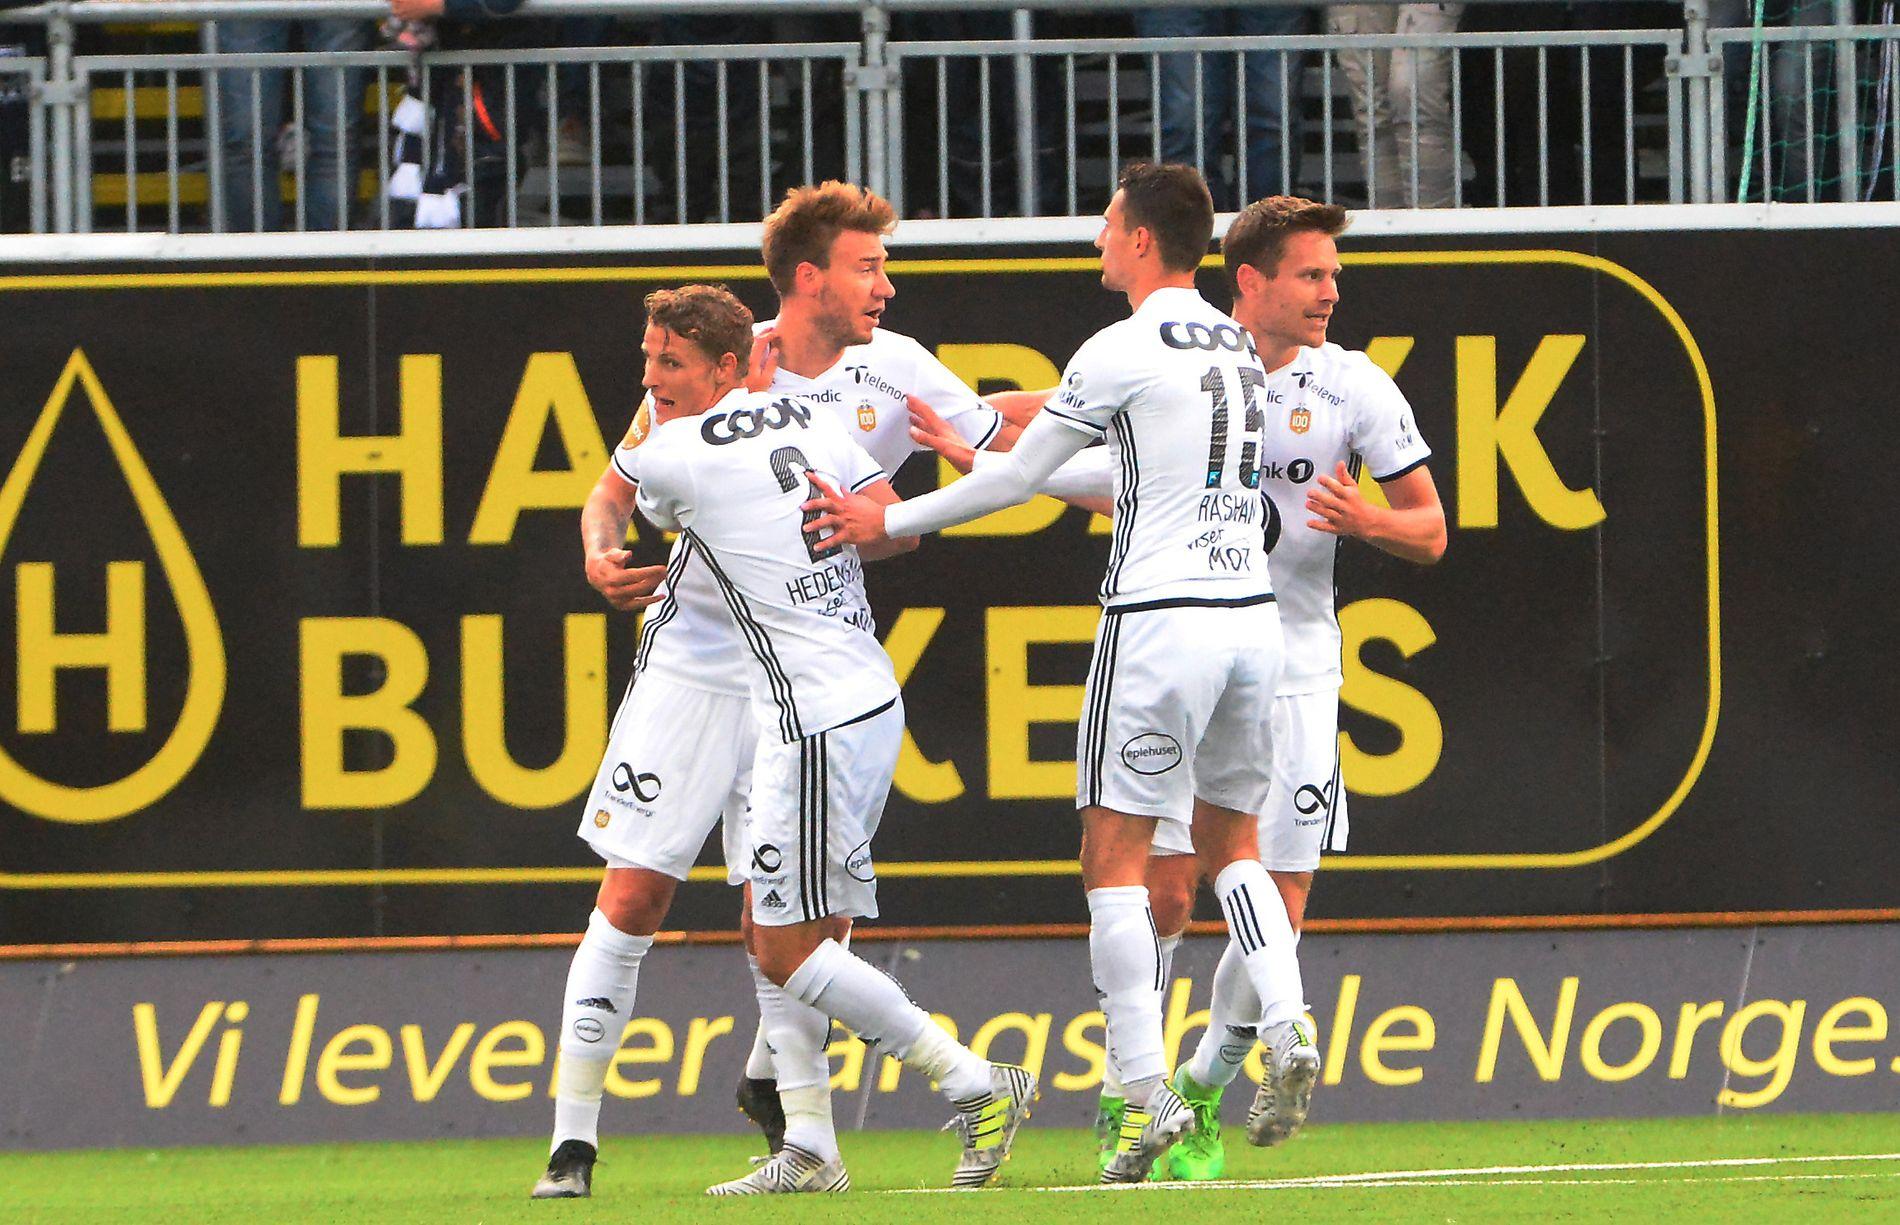 BERGET ETT POENG: Nicklas Bendtners overtidsscoring reddet ett RBK-poeng i Kristiansund. Her gratuleres dansken av Vegar Eggen Hedenstad, Elba Rashani og Matthías Vilhjálmsson.